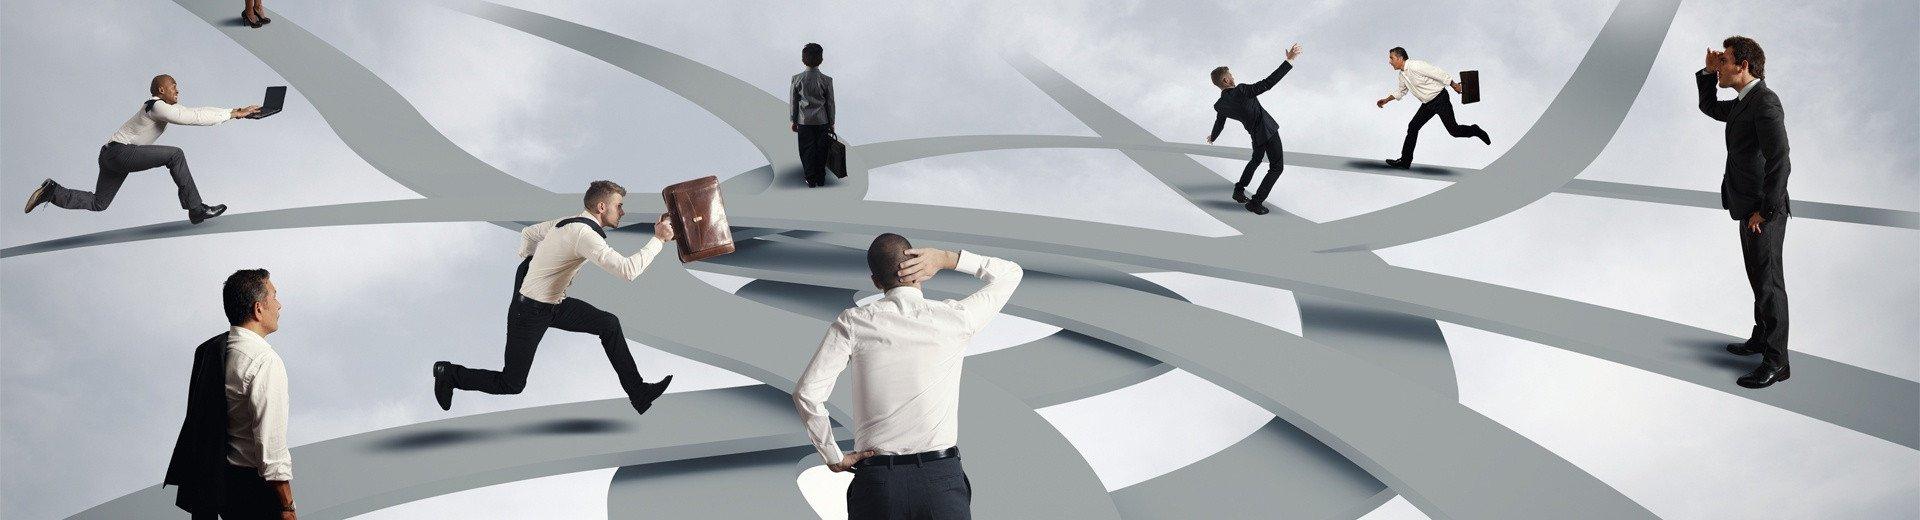 Okładka artykułu Jak efektywnie współpracować z klientem? — Oczarowanie, analogia, precyzja